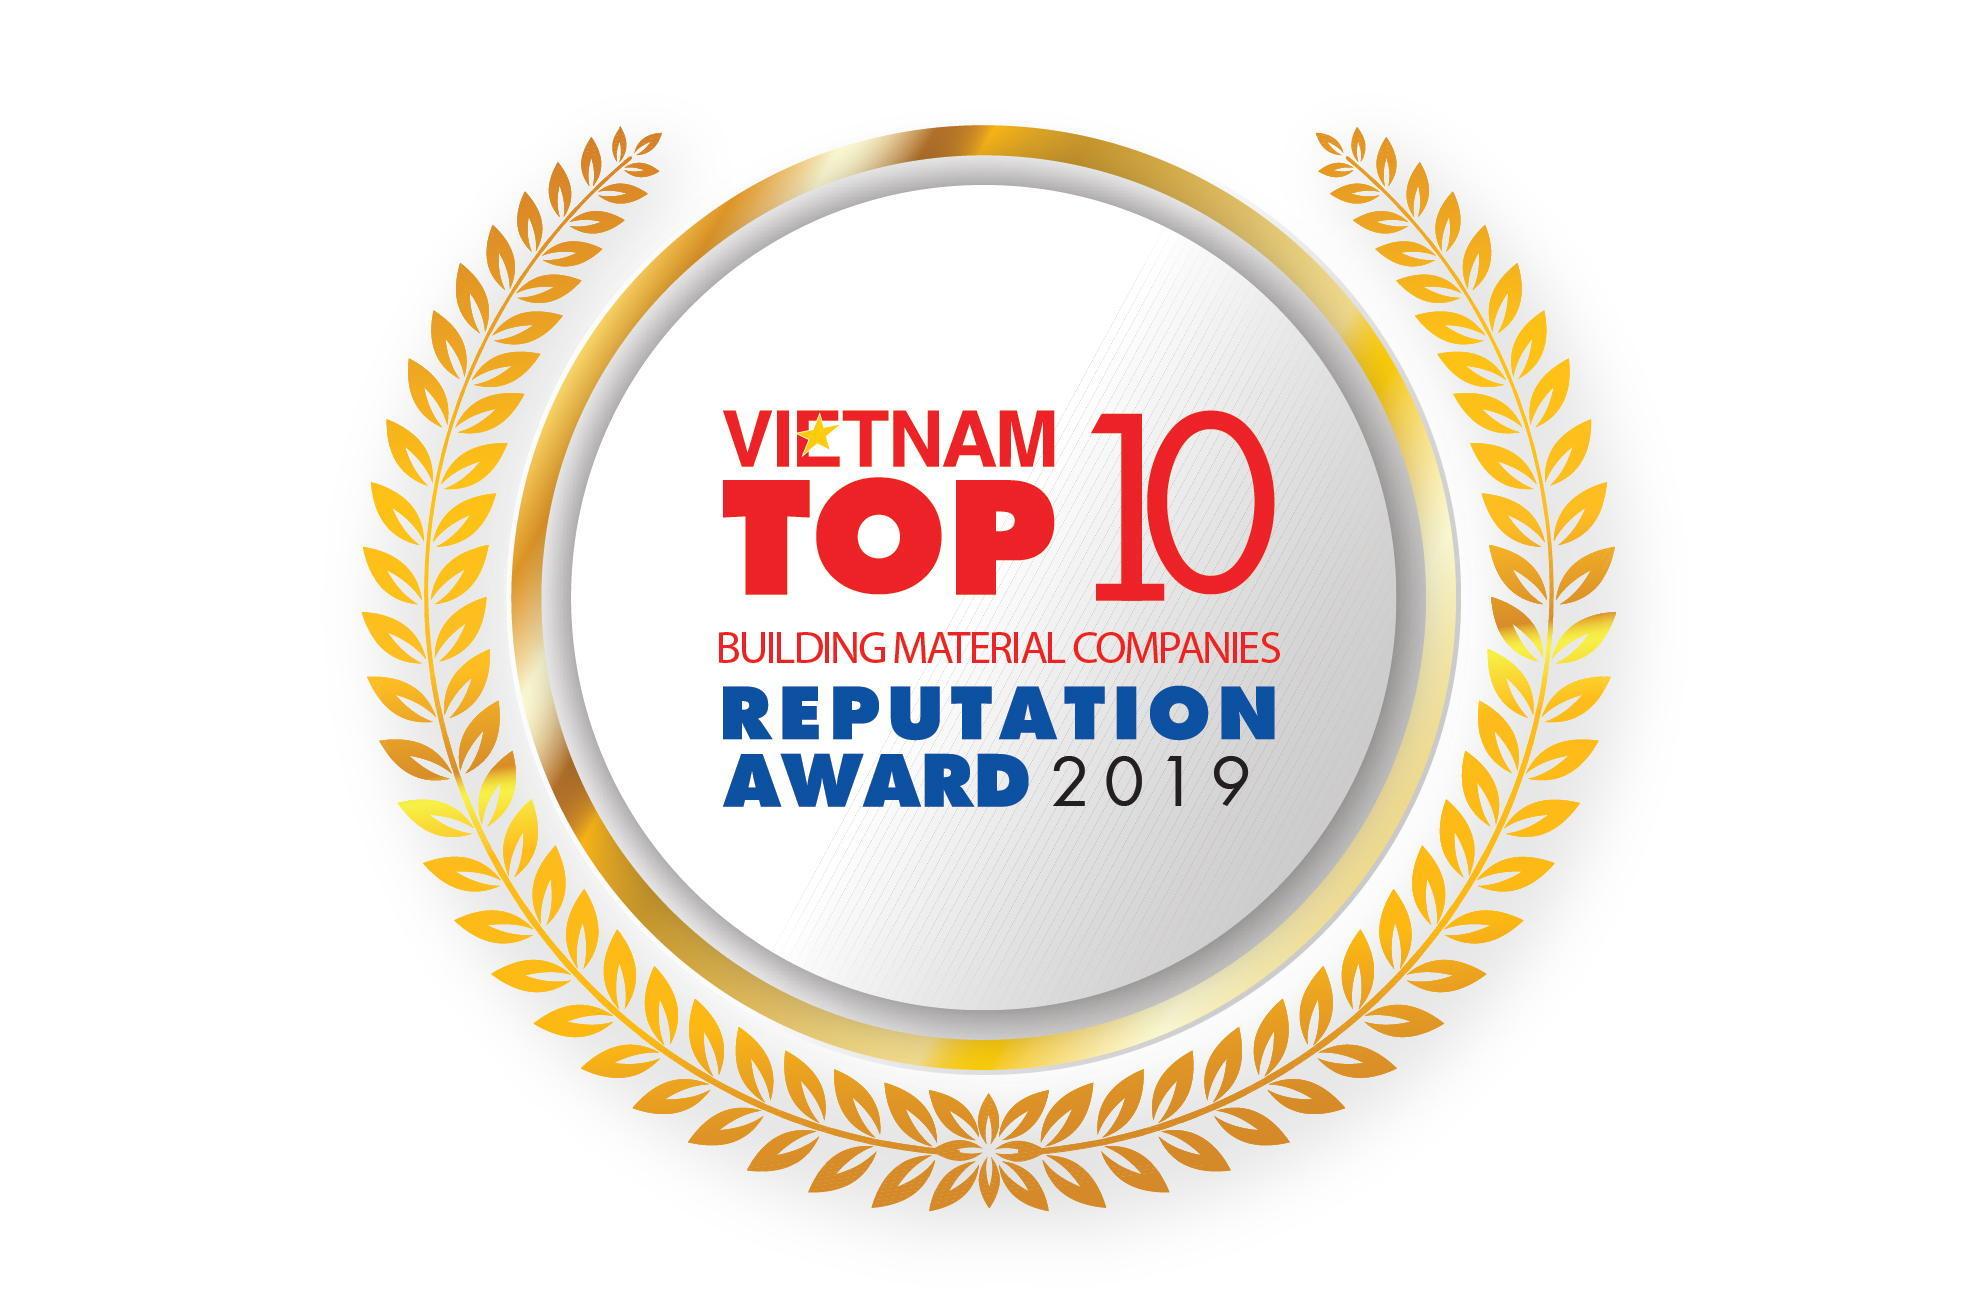 TOP 10 CÔNG TY VẬT LIỆU XÂY DỰNG UY TÍN NĂM 2019